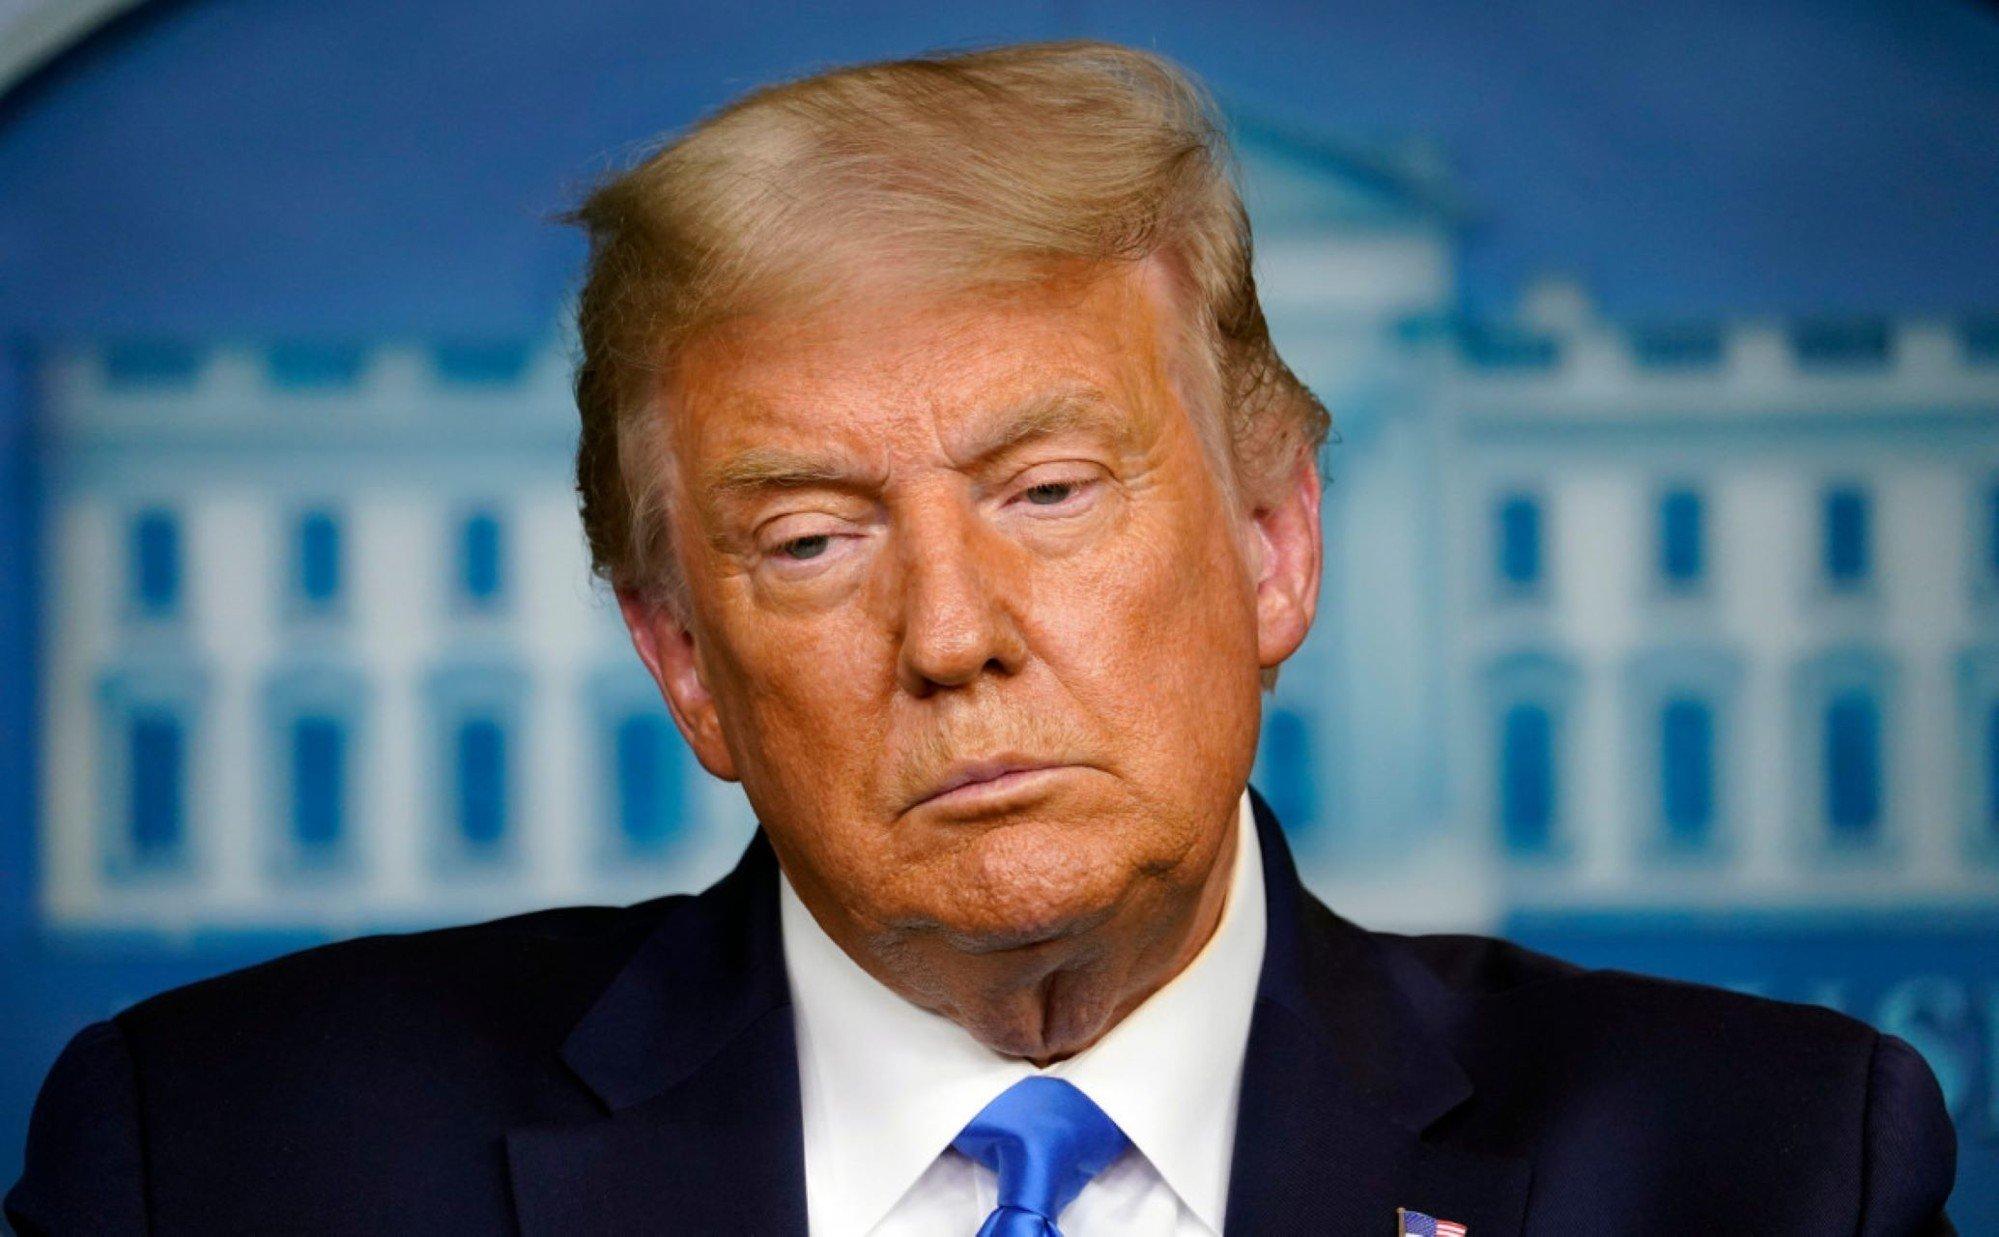 Пенс повідомив Трампу, що не може змінити підсумки виборів